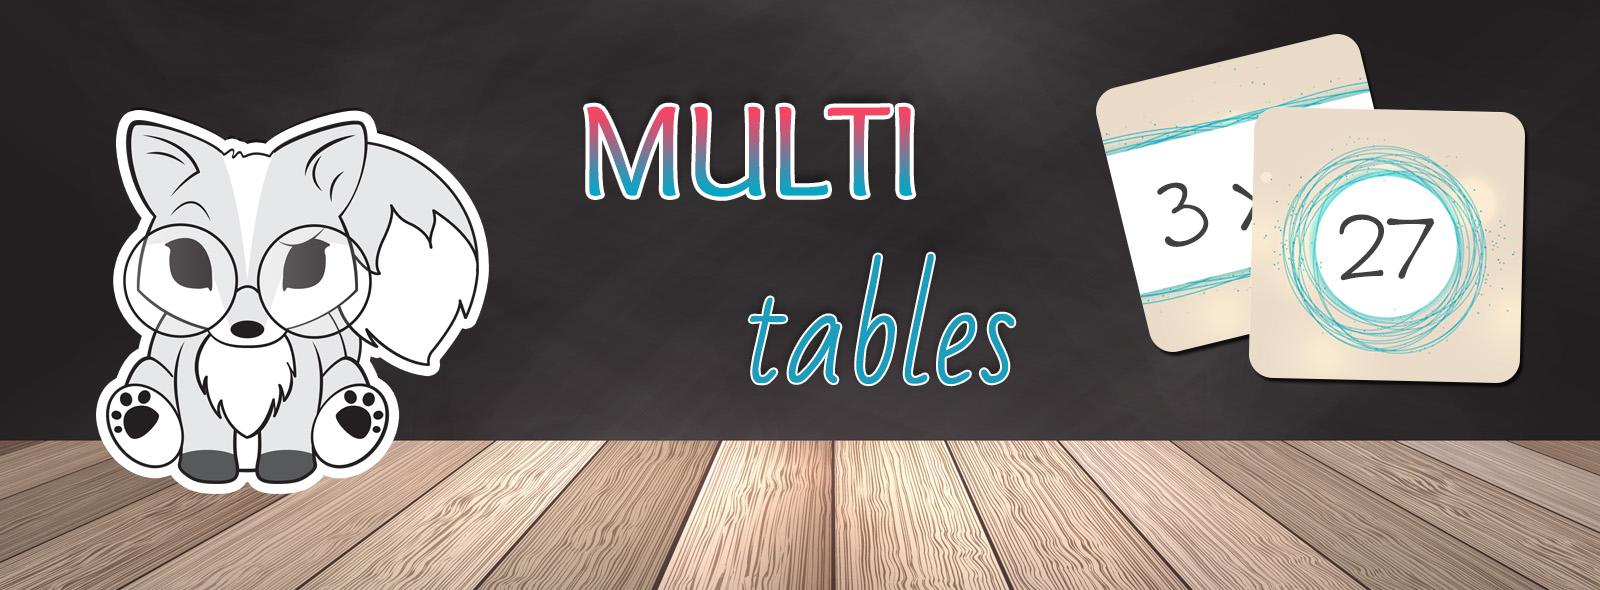 La tani re de kyban un peu de tout et de rien pour professeurs des coles - Reviser les tables de multiplications ...